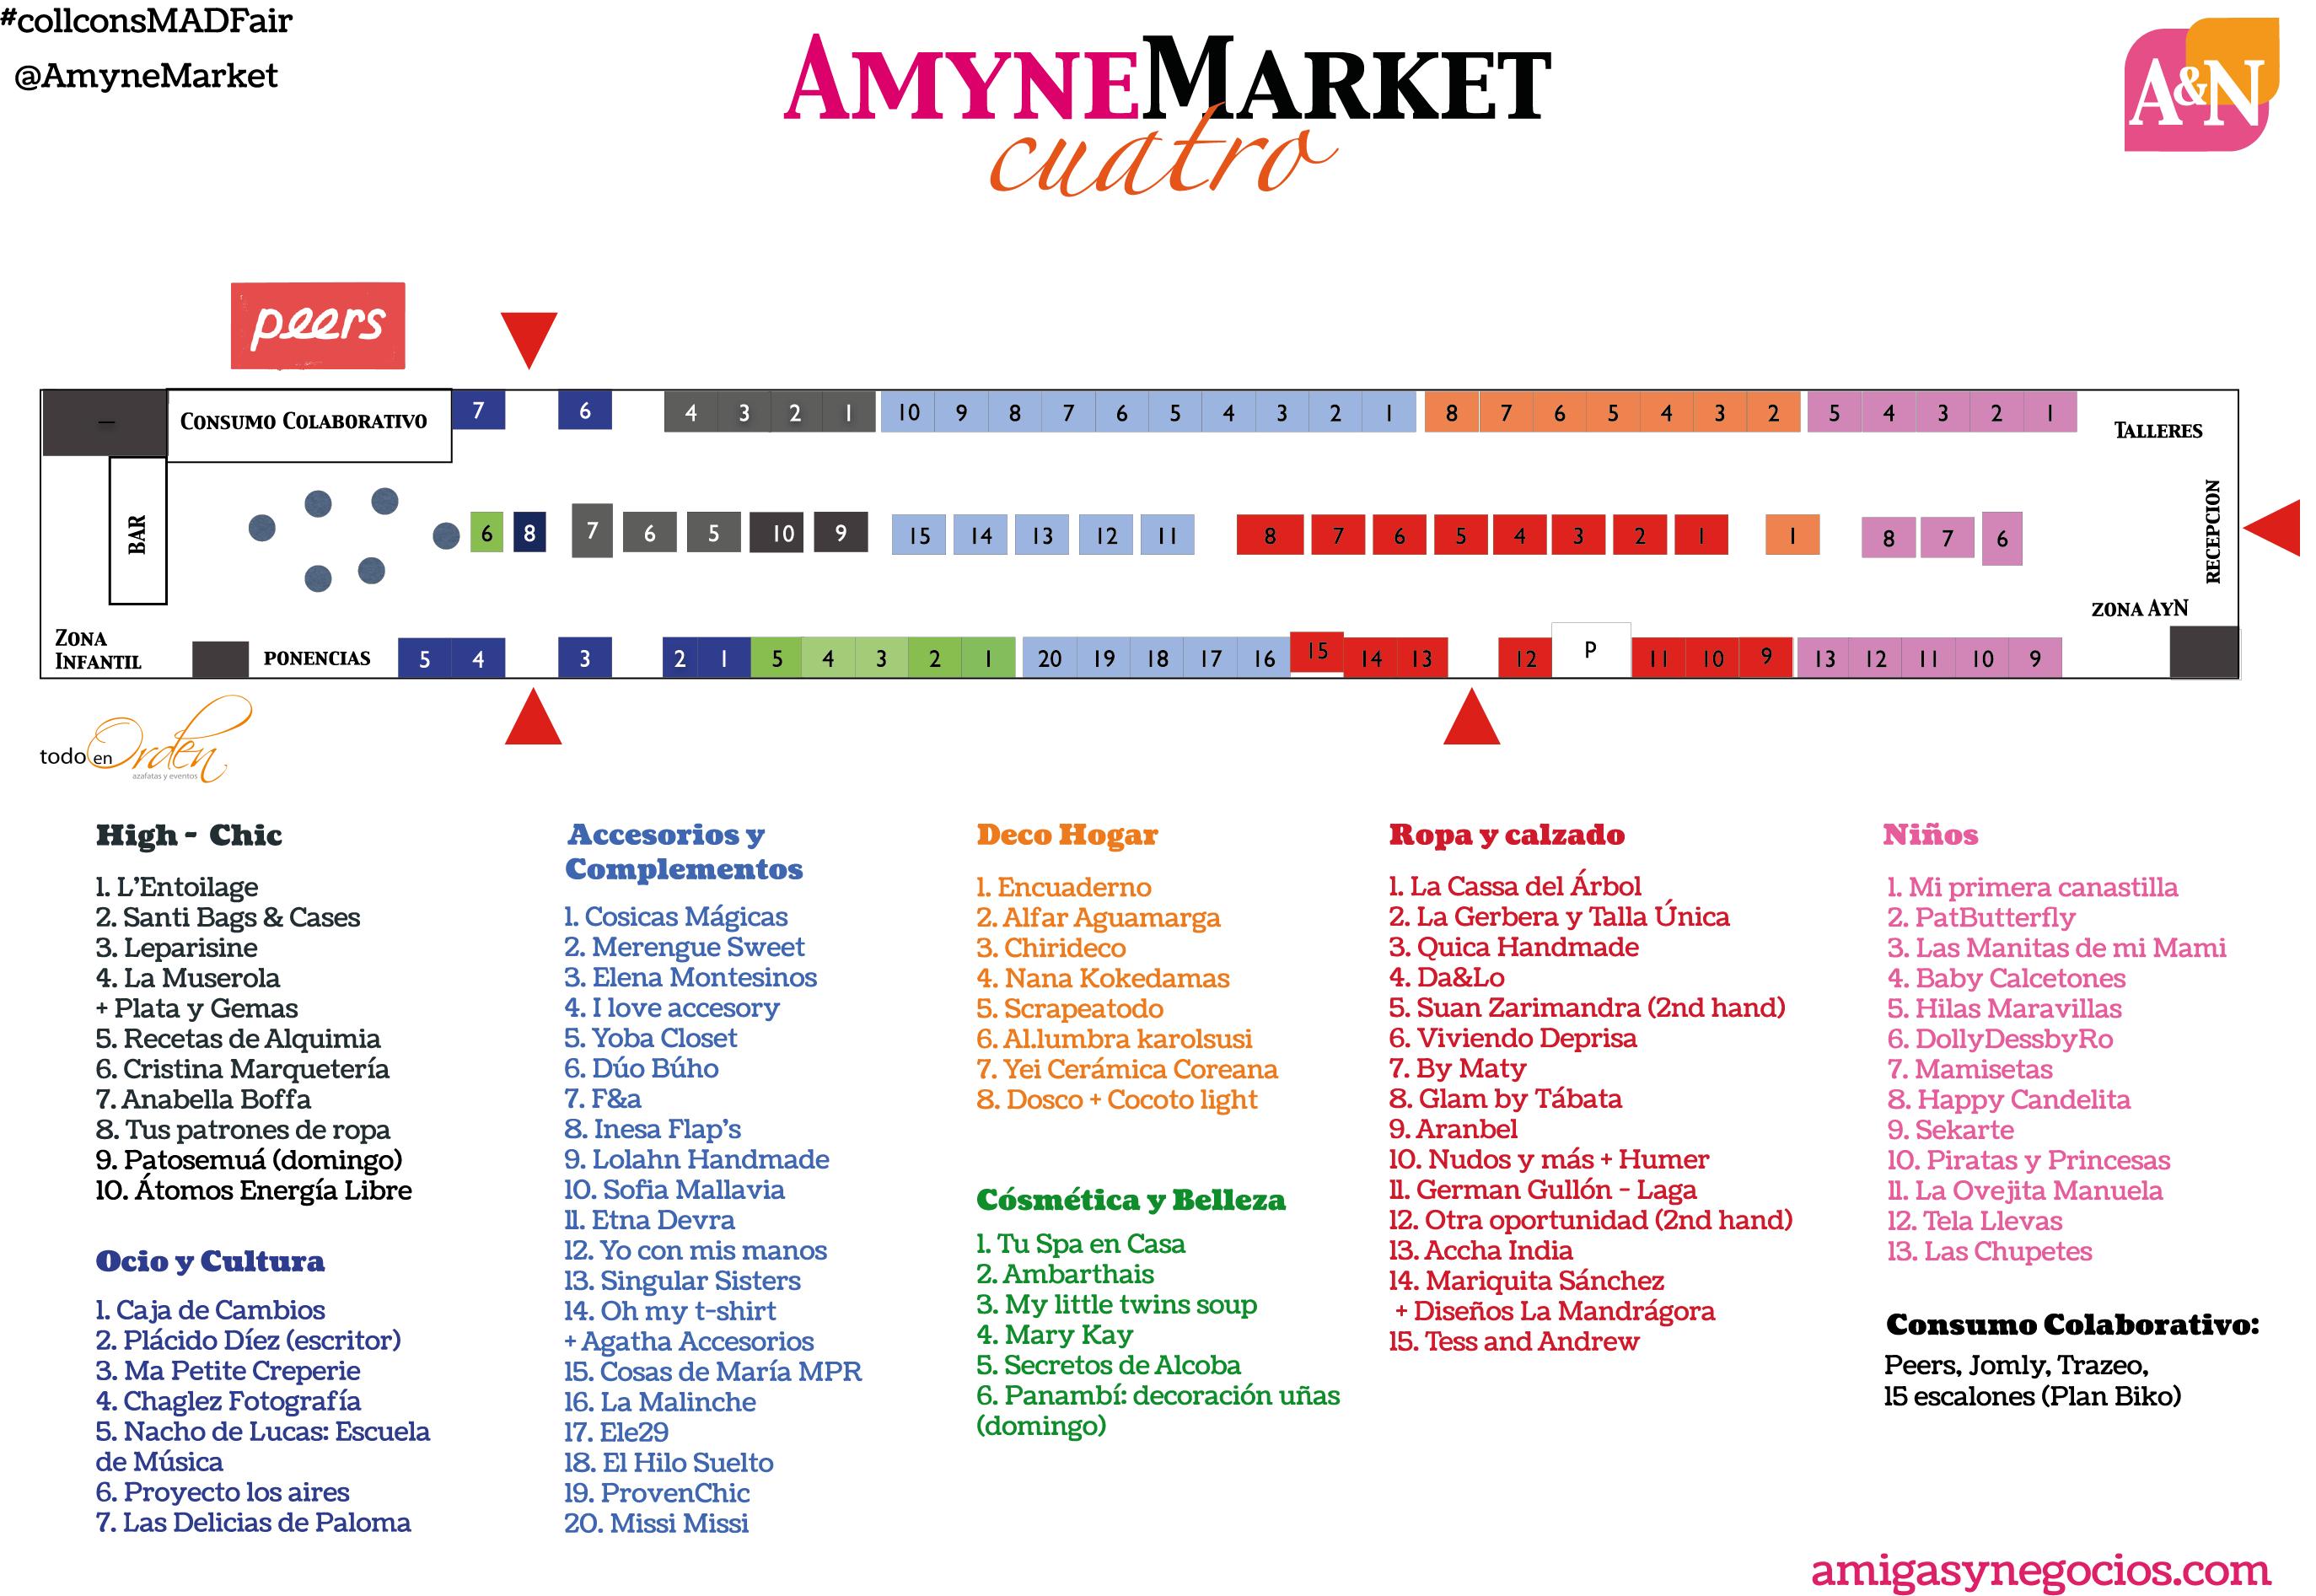 Plano_amynemarket4_amigas_y_negocios_ginger_y_tulula.png